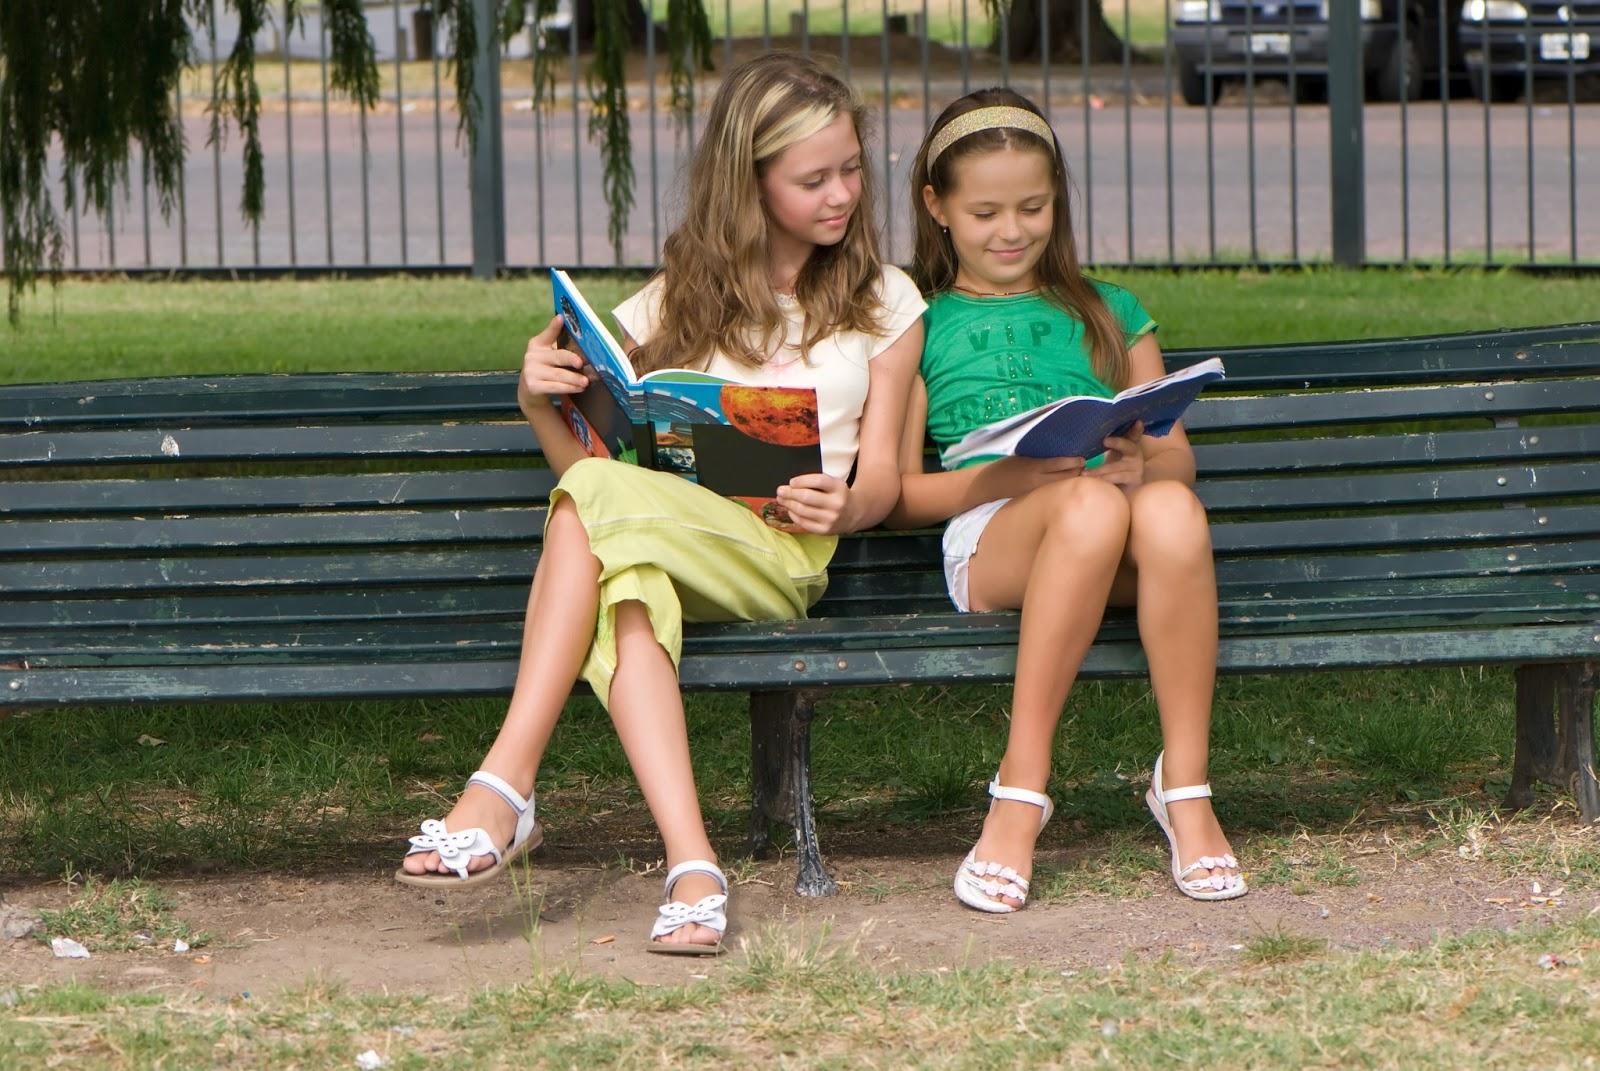 Фото под юбкой маленькой девочки, Девушки в мини одежде -фото. Мини штучки на 3 фотография